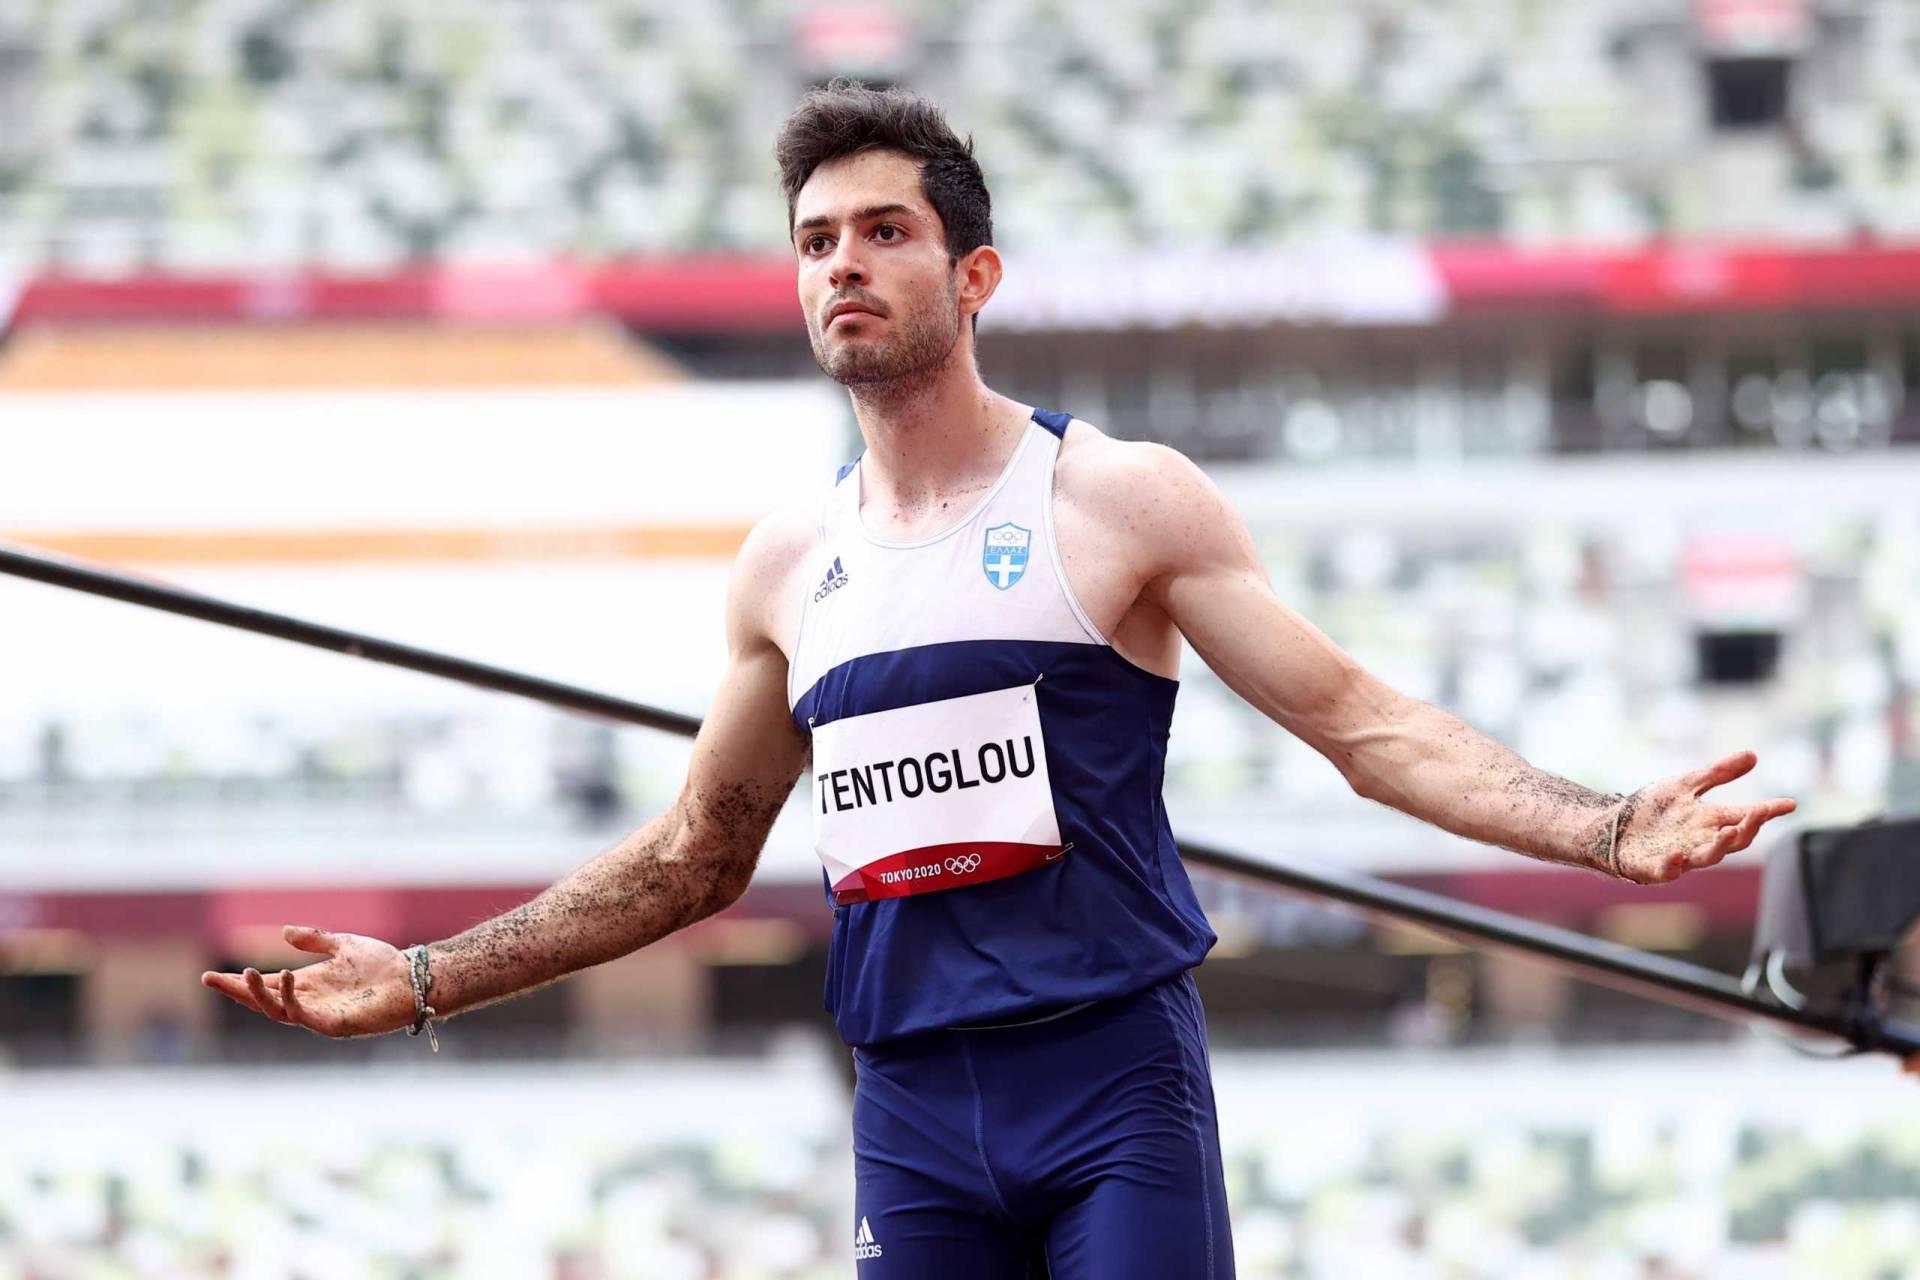 Χρυσό μετάλλιο ο Μίλτος Τεντόγλου στο Τόκιο- Πέταξε στα 8,41 και σήκωσε την Ελλάδα ψηλά!